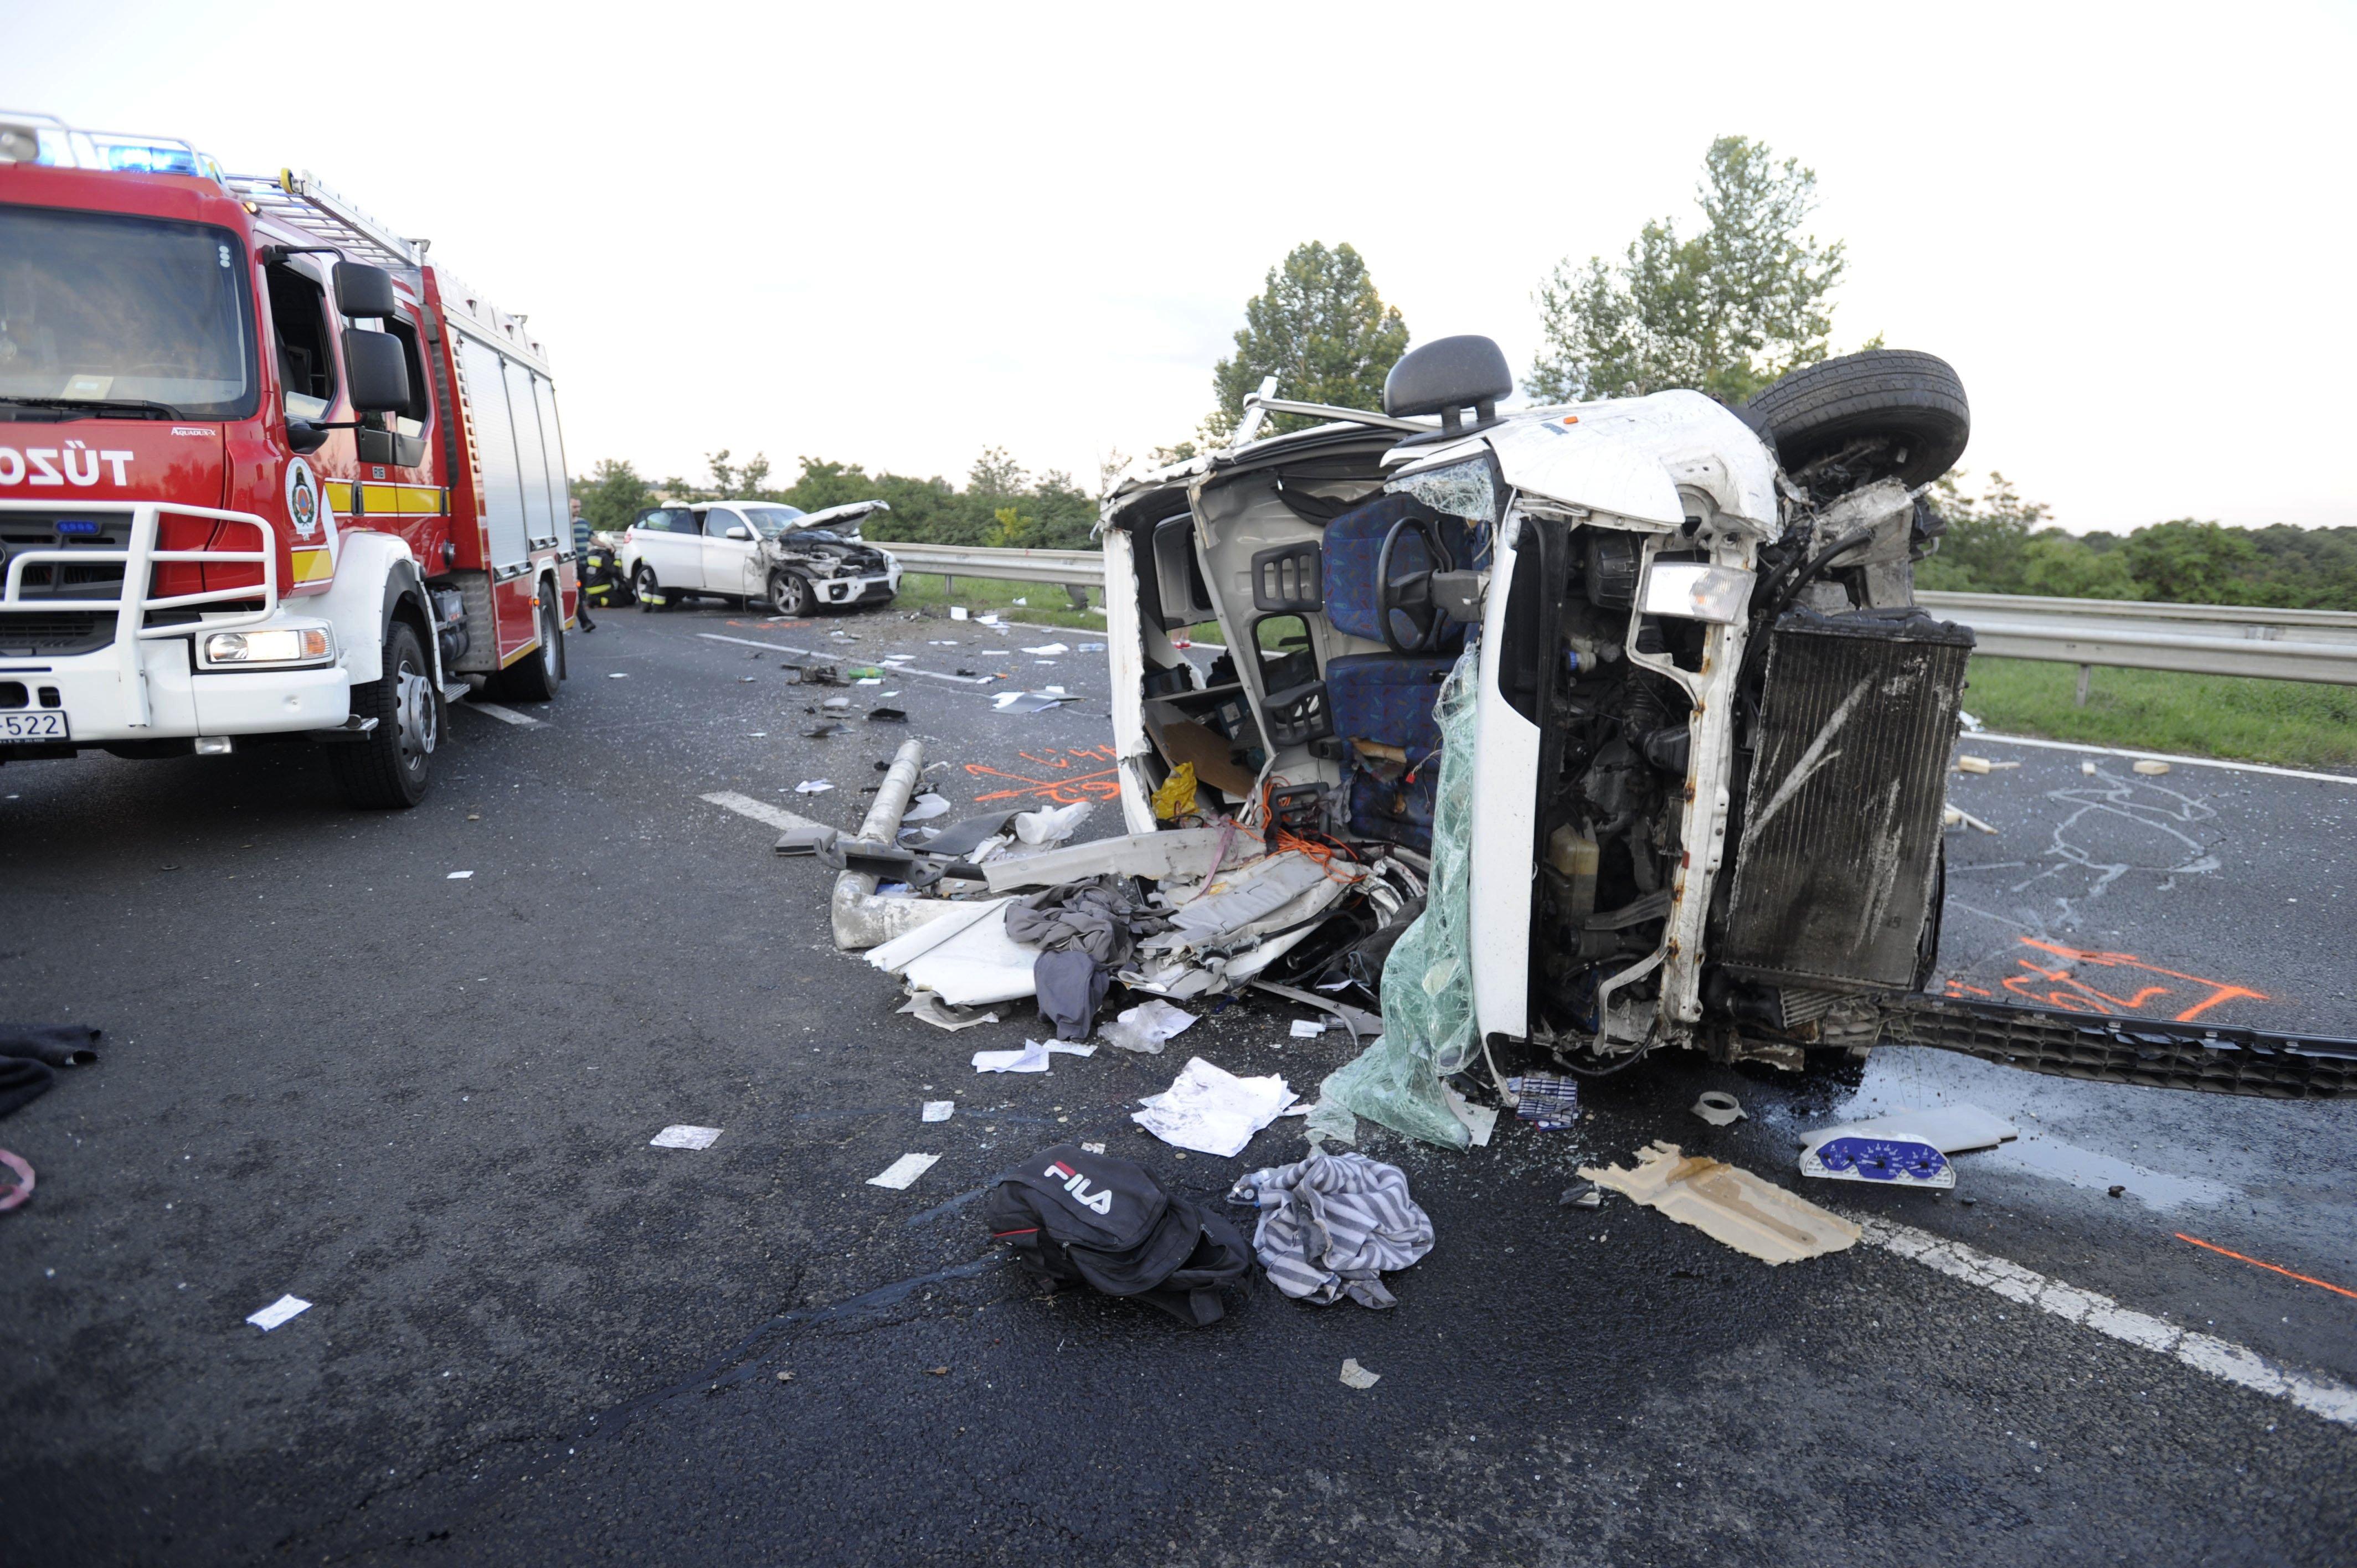 Olaj folyt az útra, teljes szélességében lezárták az M7-es autópályát